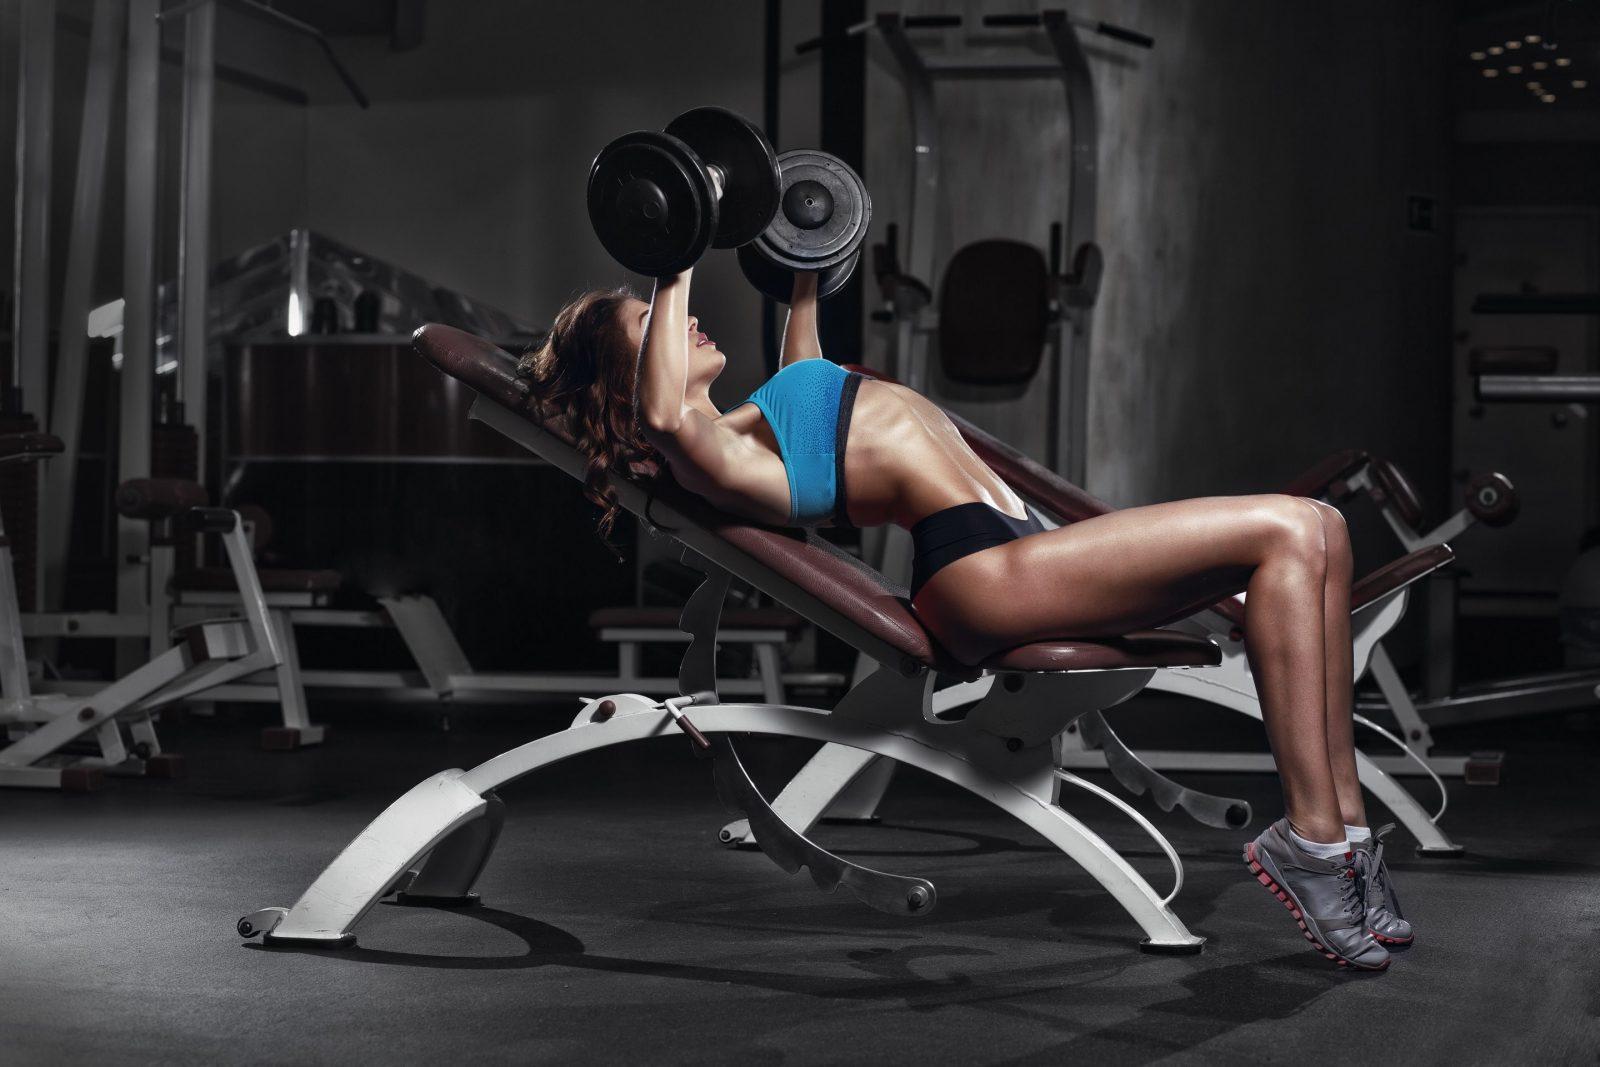 Девушка выполняет жим гантелей на наклонной скамье в тренажерном зале